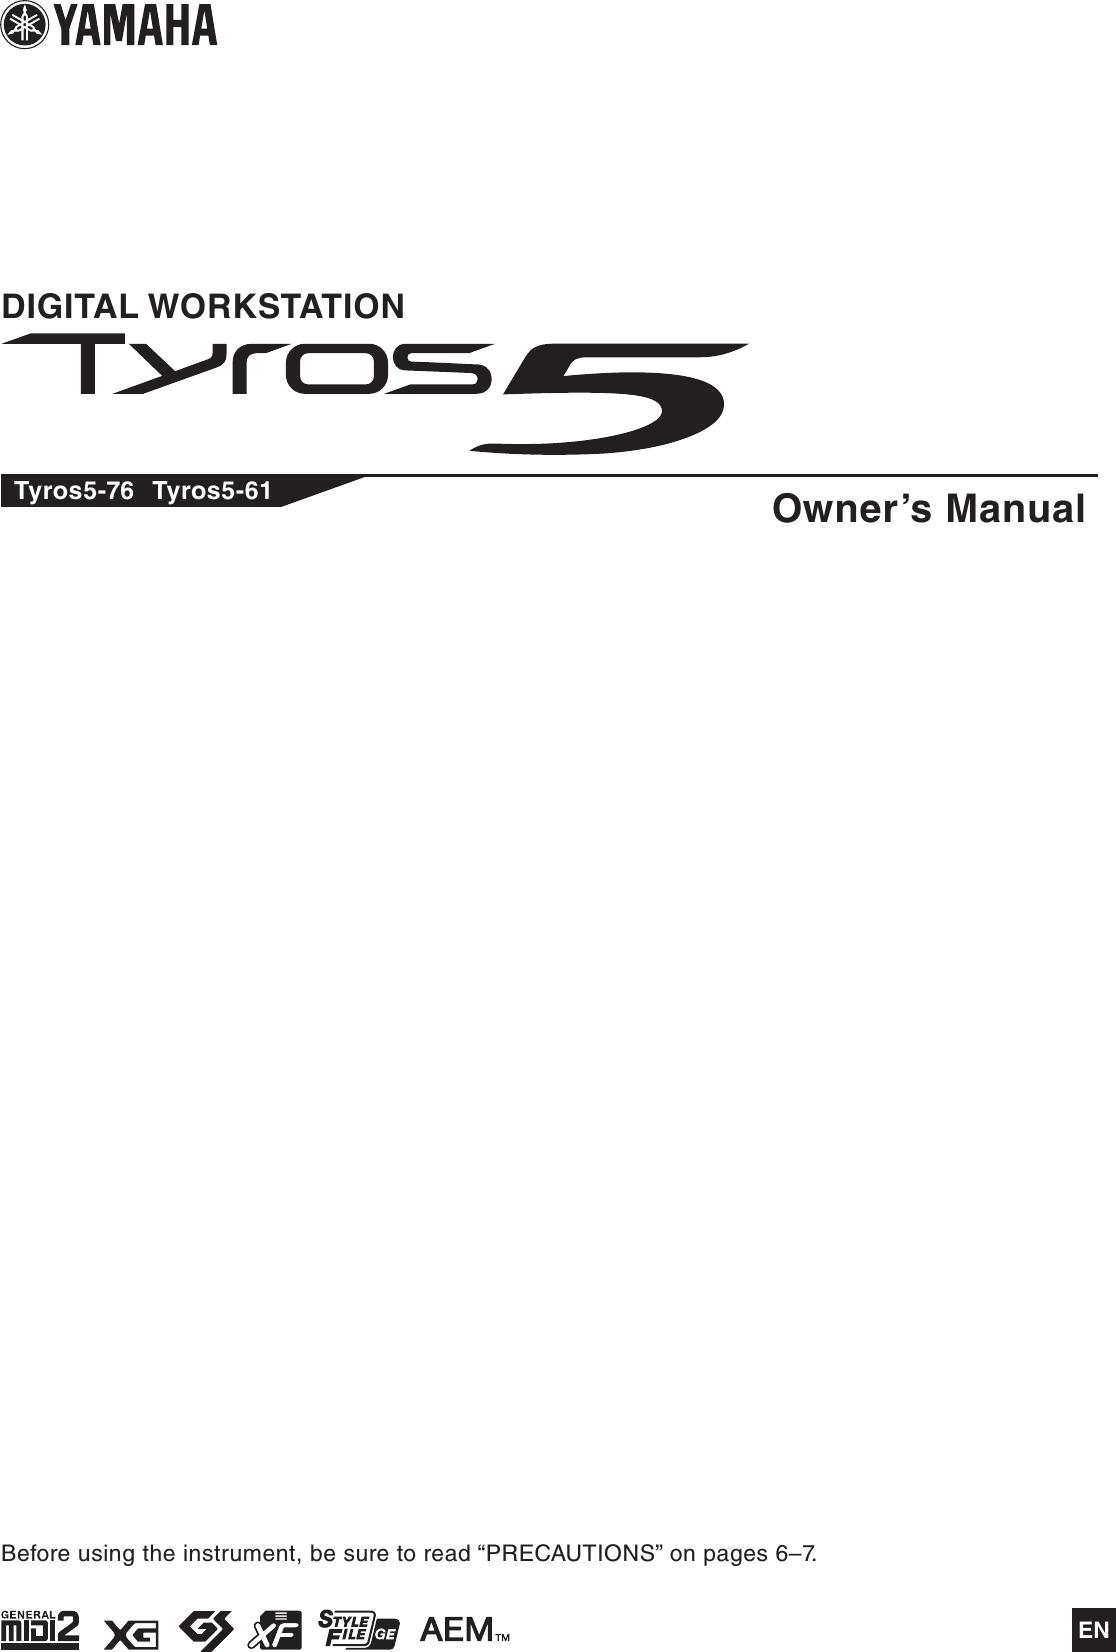 Yamaha Tyros5 Owner's Manual Owner's En Om A0